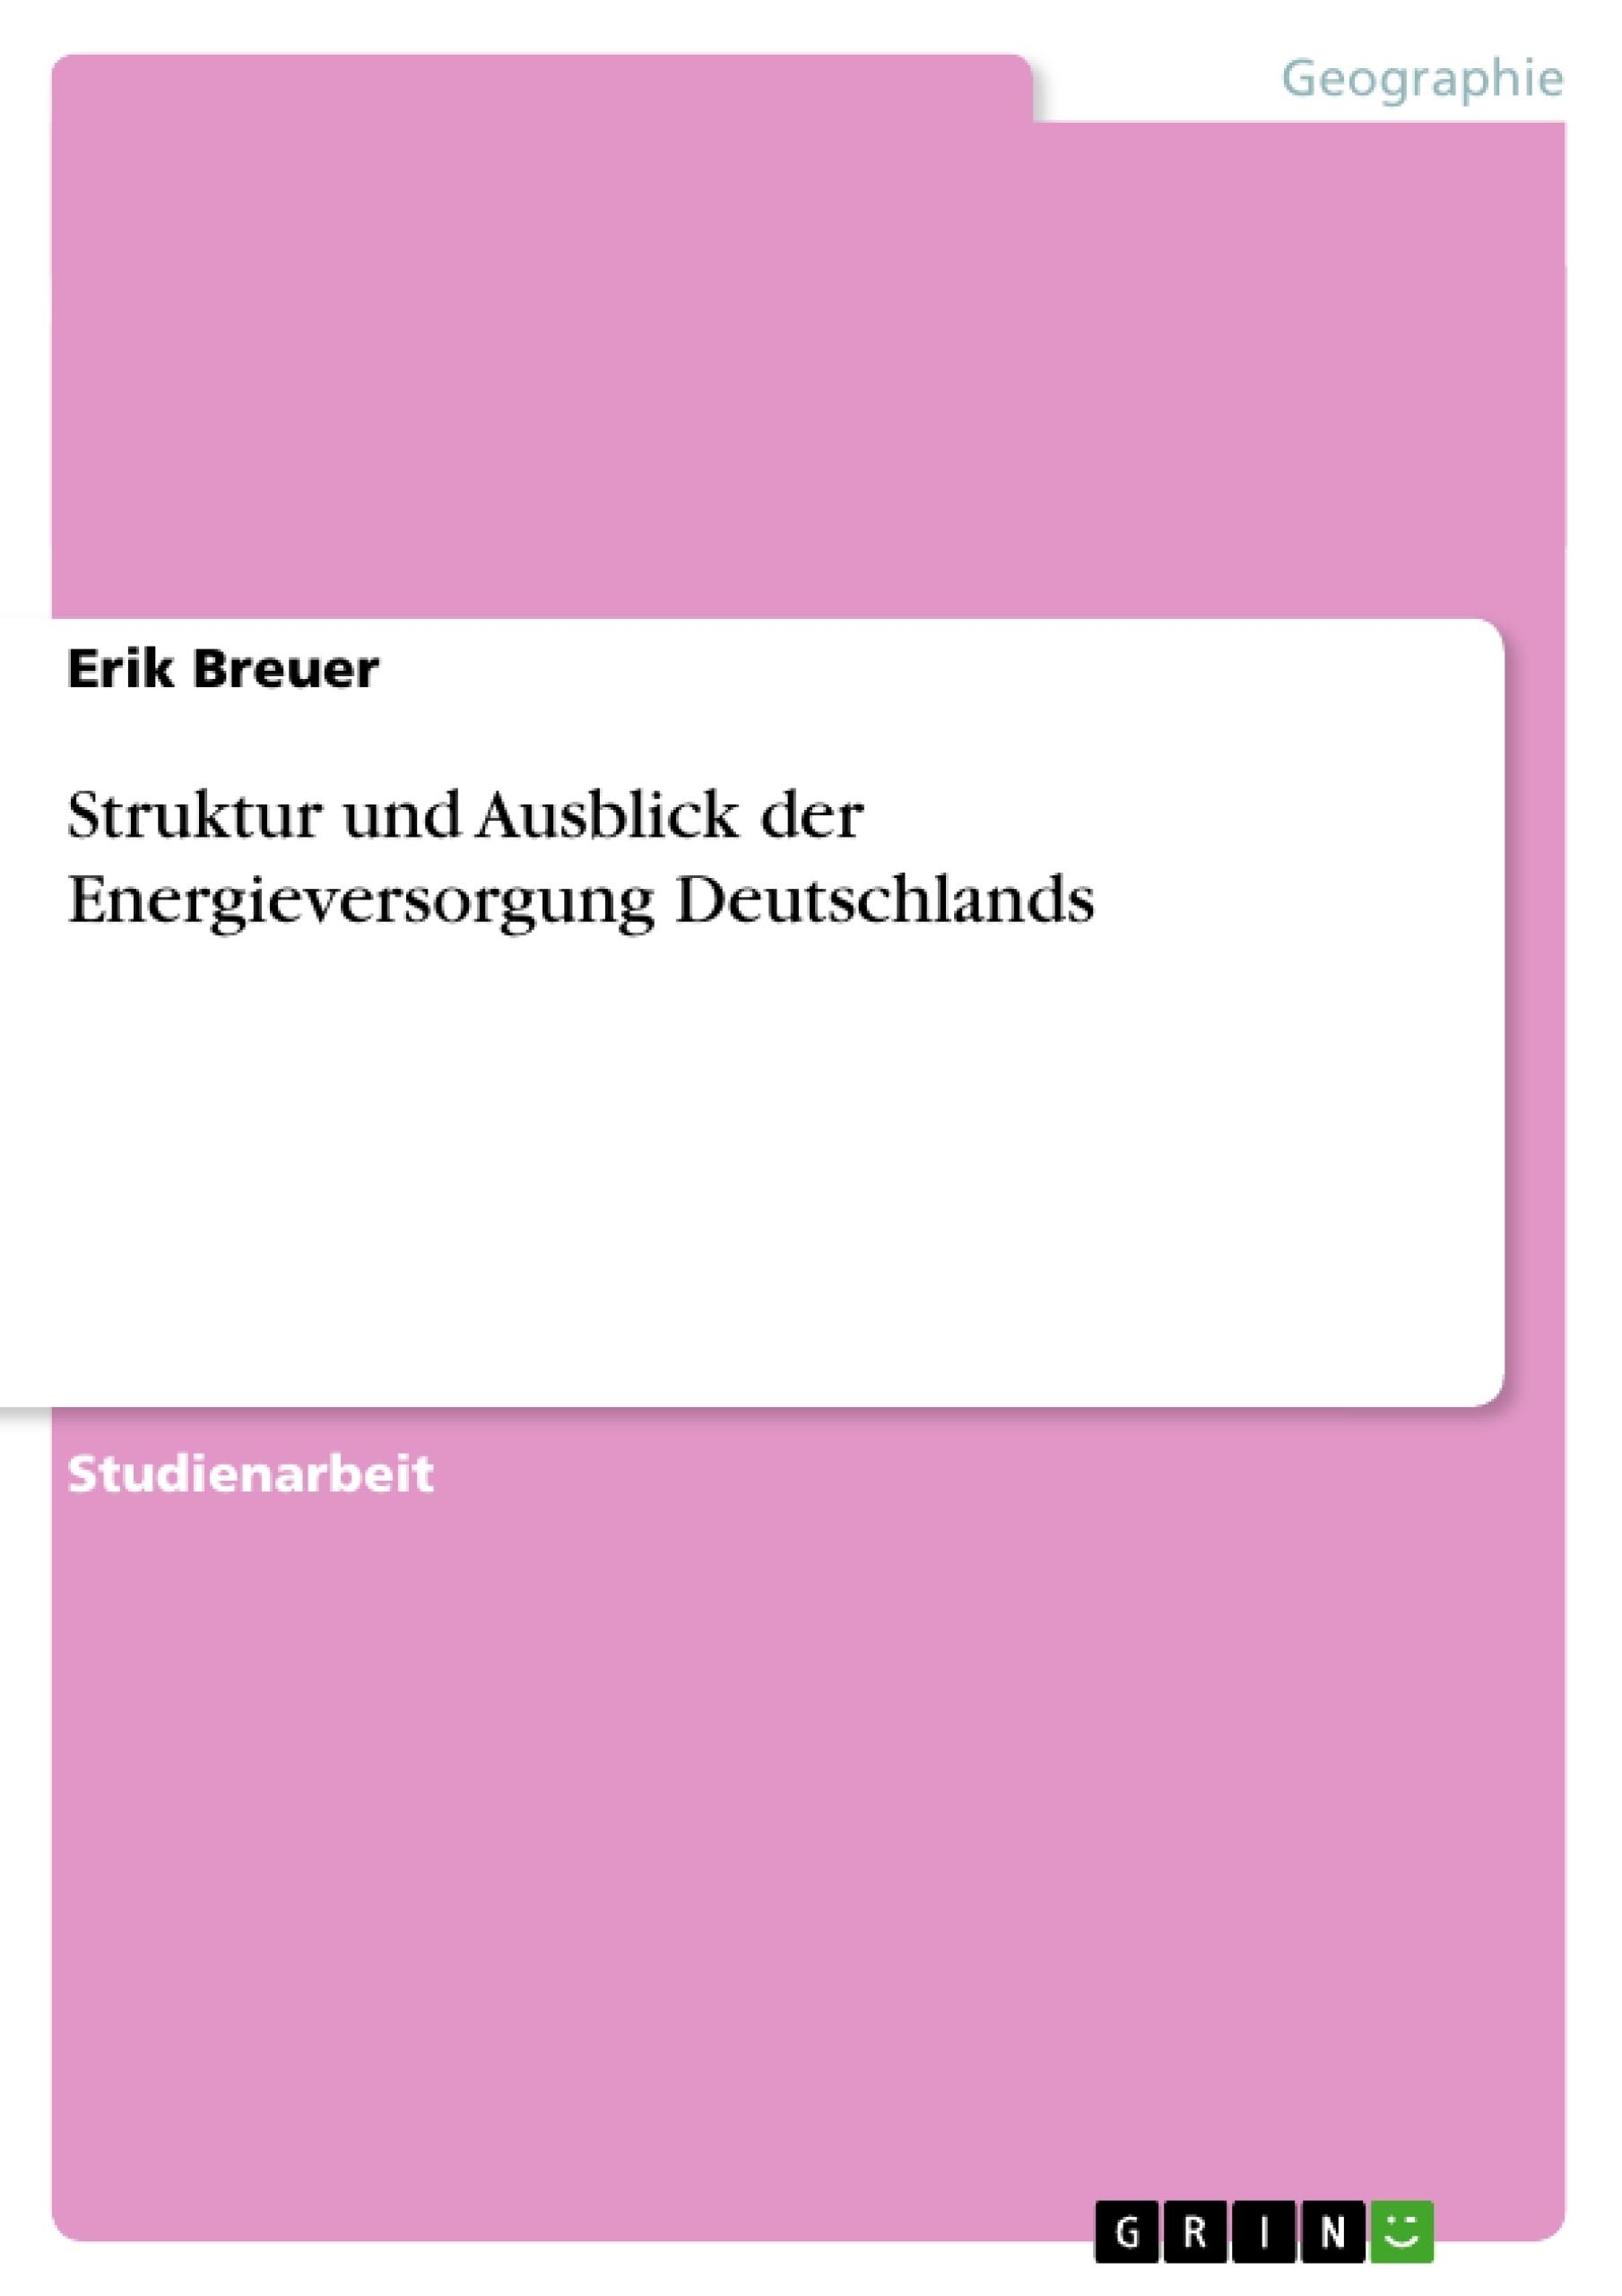 Kohleverstromung in Deutschland - Veraltet oder zukunftsweisend? (German Edition)